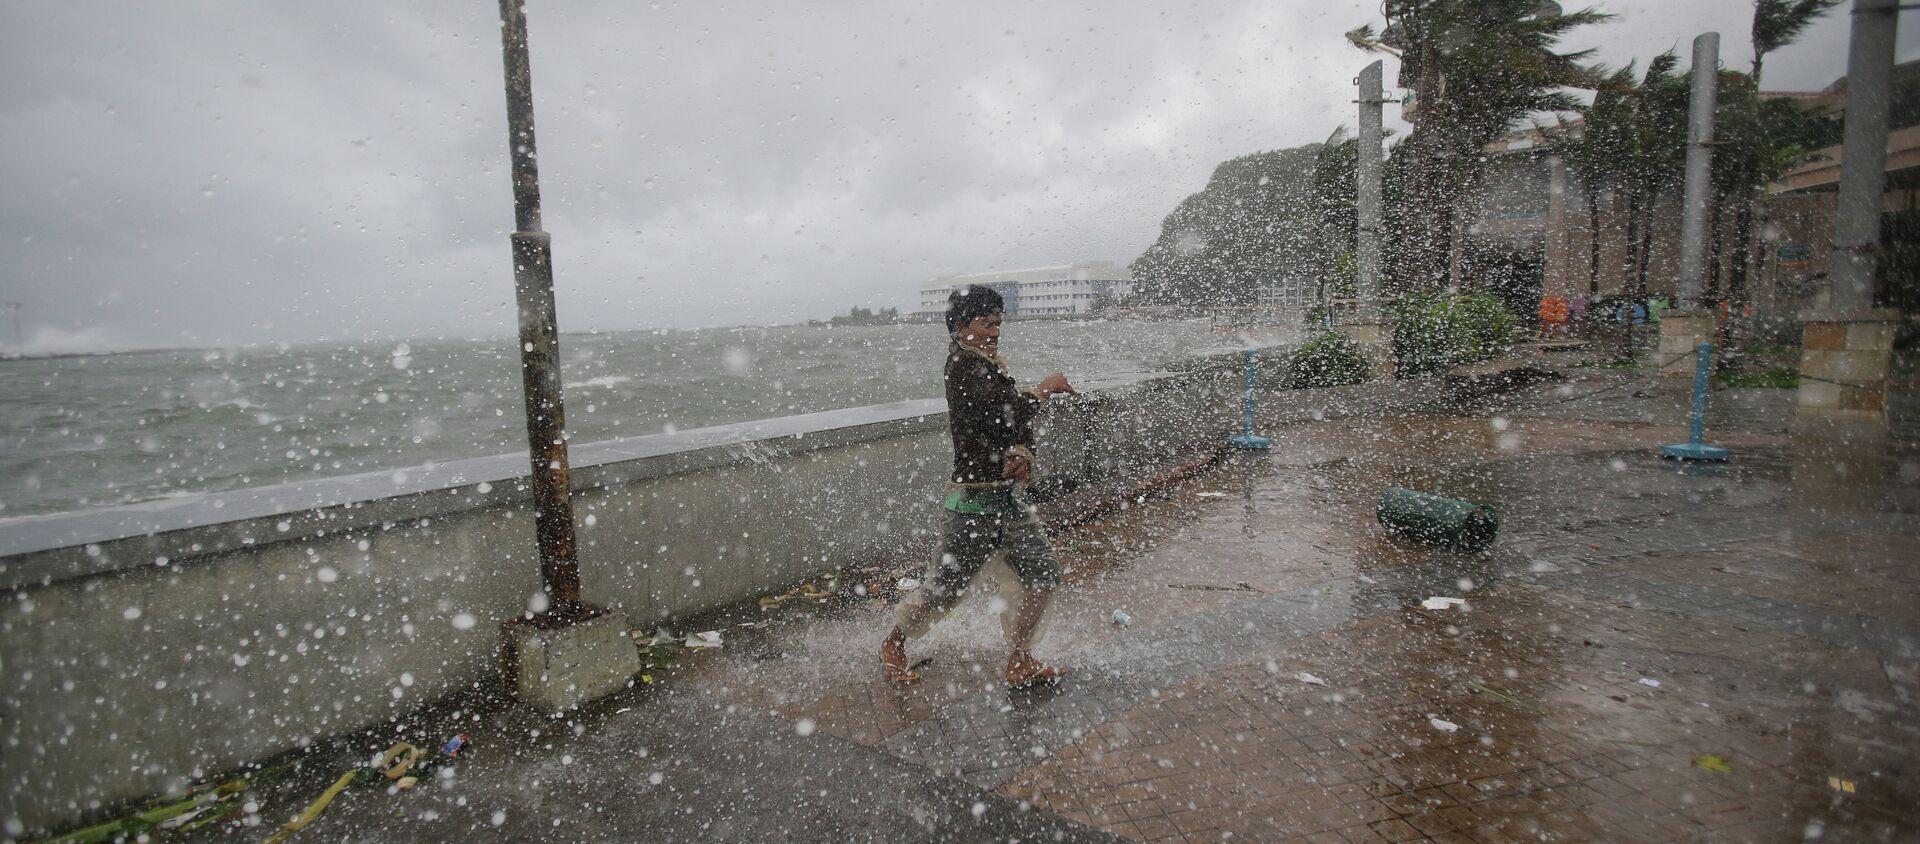 Tifone alle Filippine  - Sputnik Italia, 1920, 01.11.2020